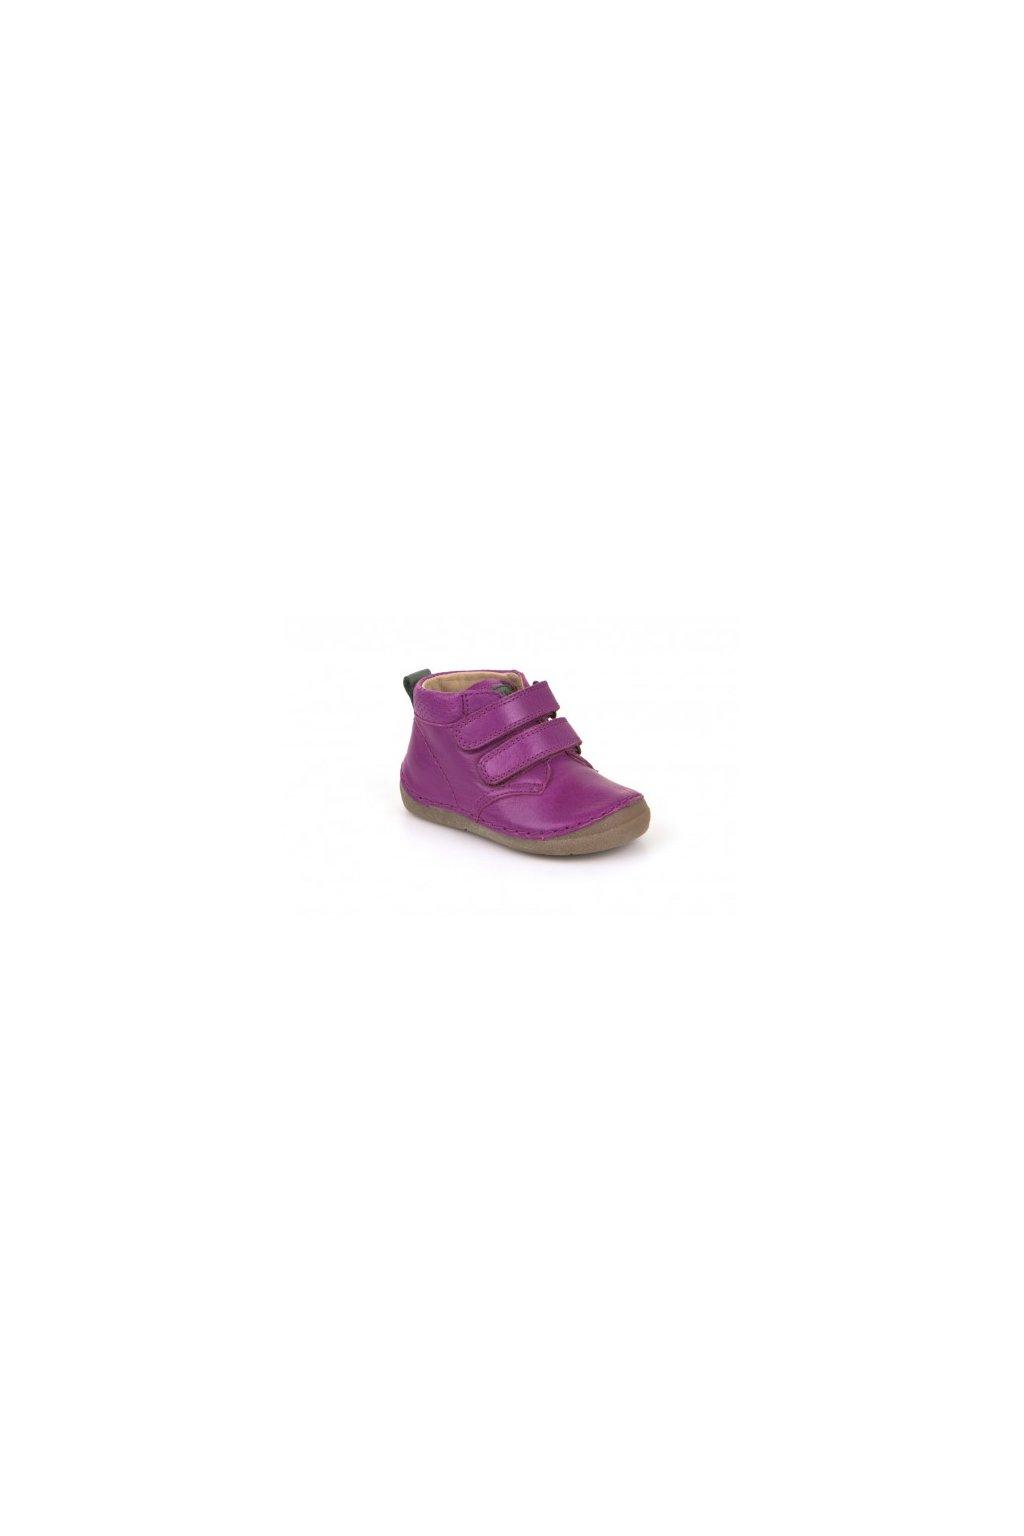 Froddo Shoes Cyclamen